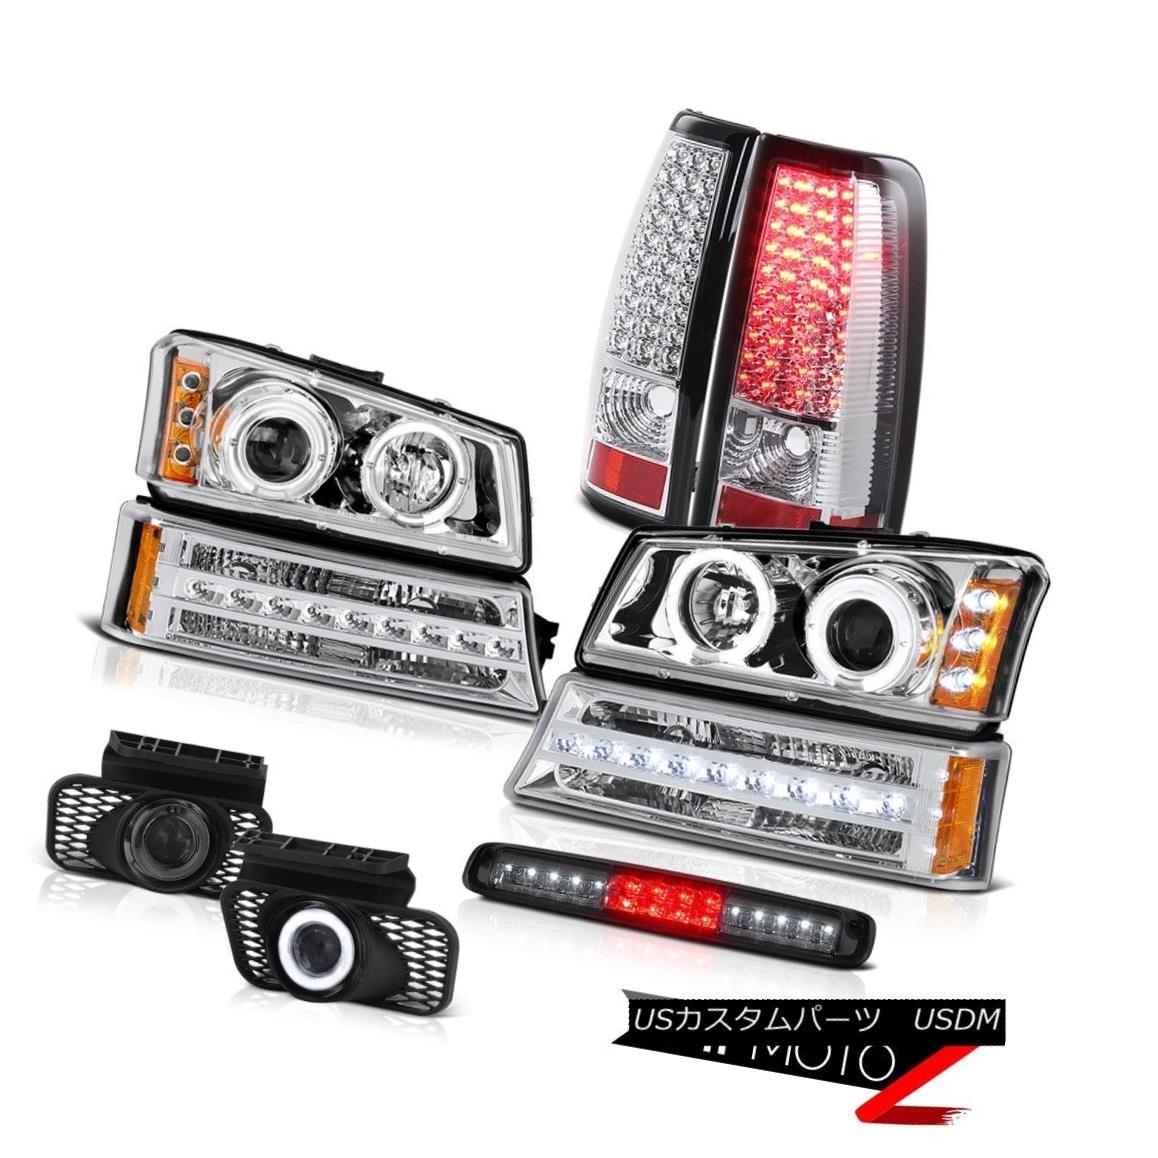 ヘッドライト 2003-2006 Silverado 1500 Roof Brake Light Fog Lights Signal Headlamps Taillamps 2003-2006 Silverado 1500ルーフブレーキライトフォグライト信号ヘッドランプタイルランプ